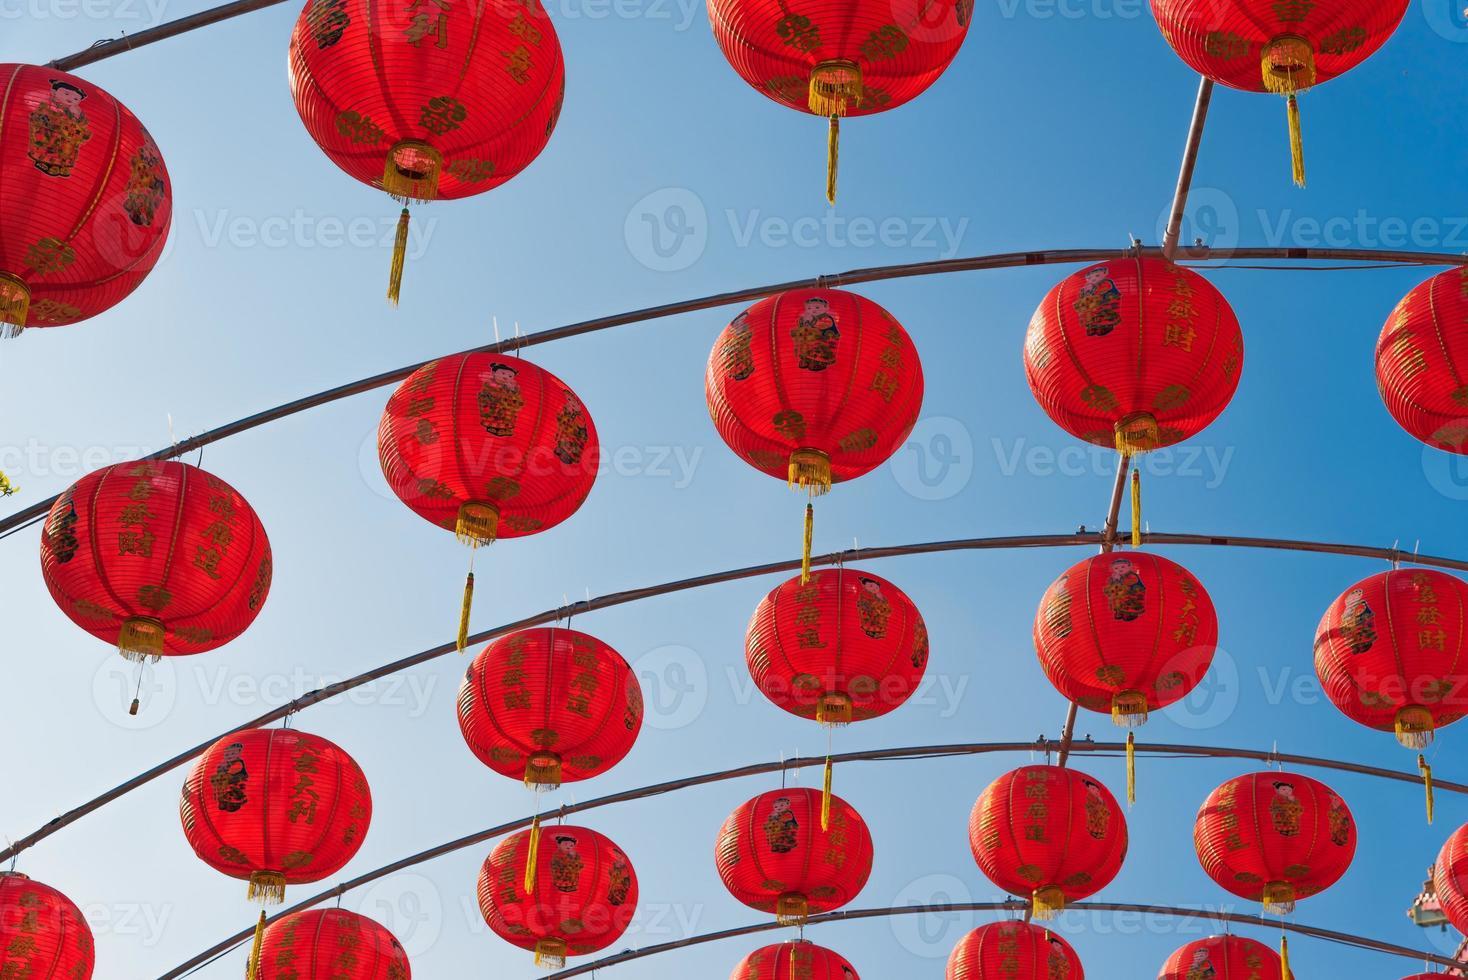 linternas rojas chinas foto